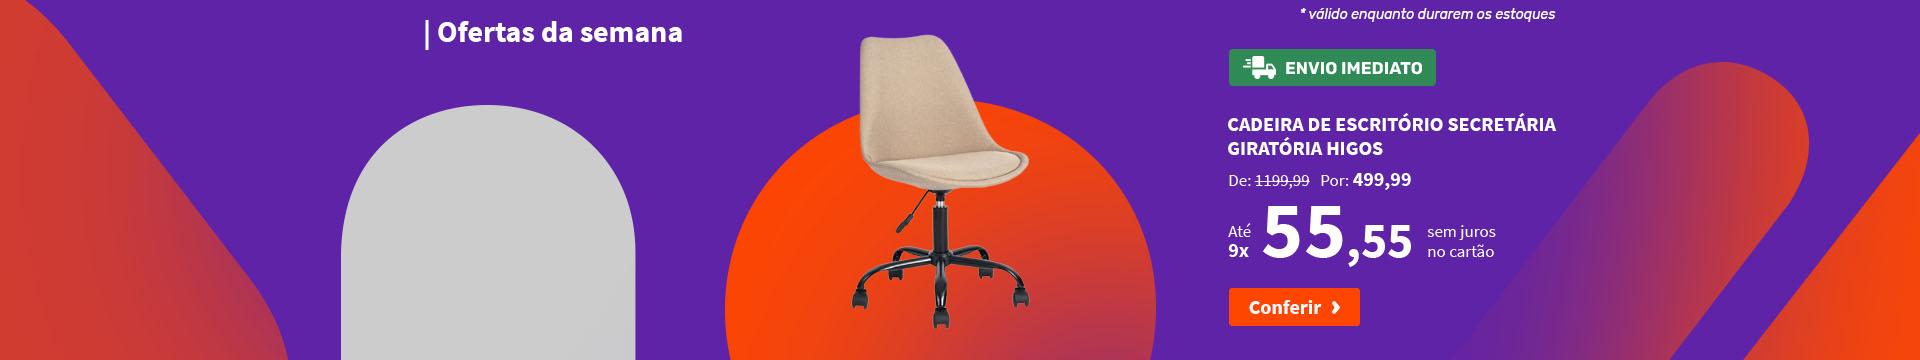 Cadeira de Escritório Secretária Giratória Higos - Ofertas da semana